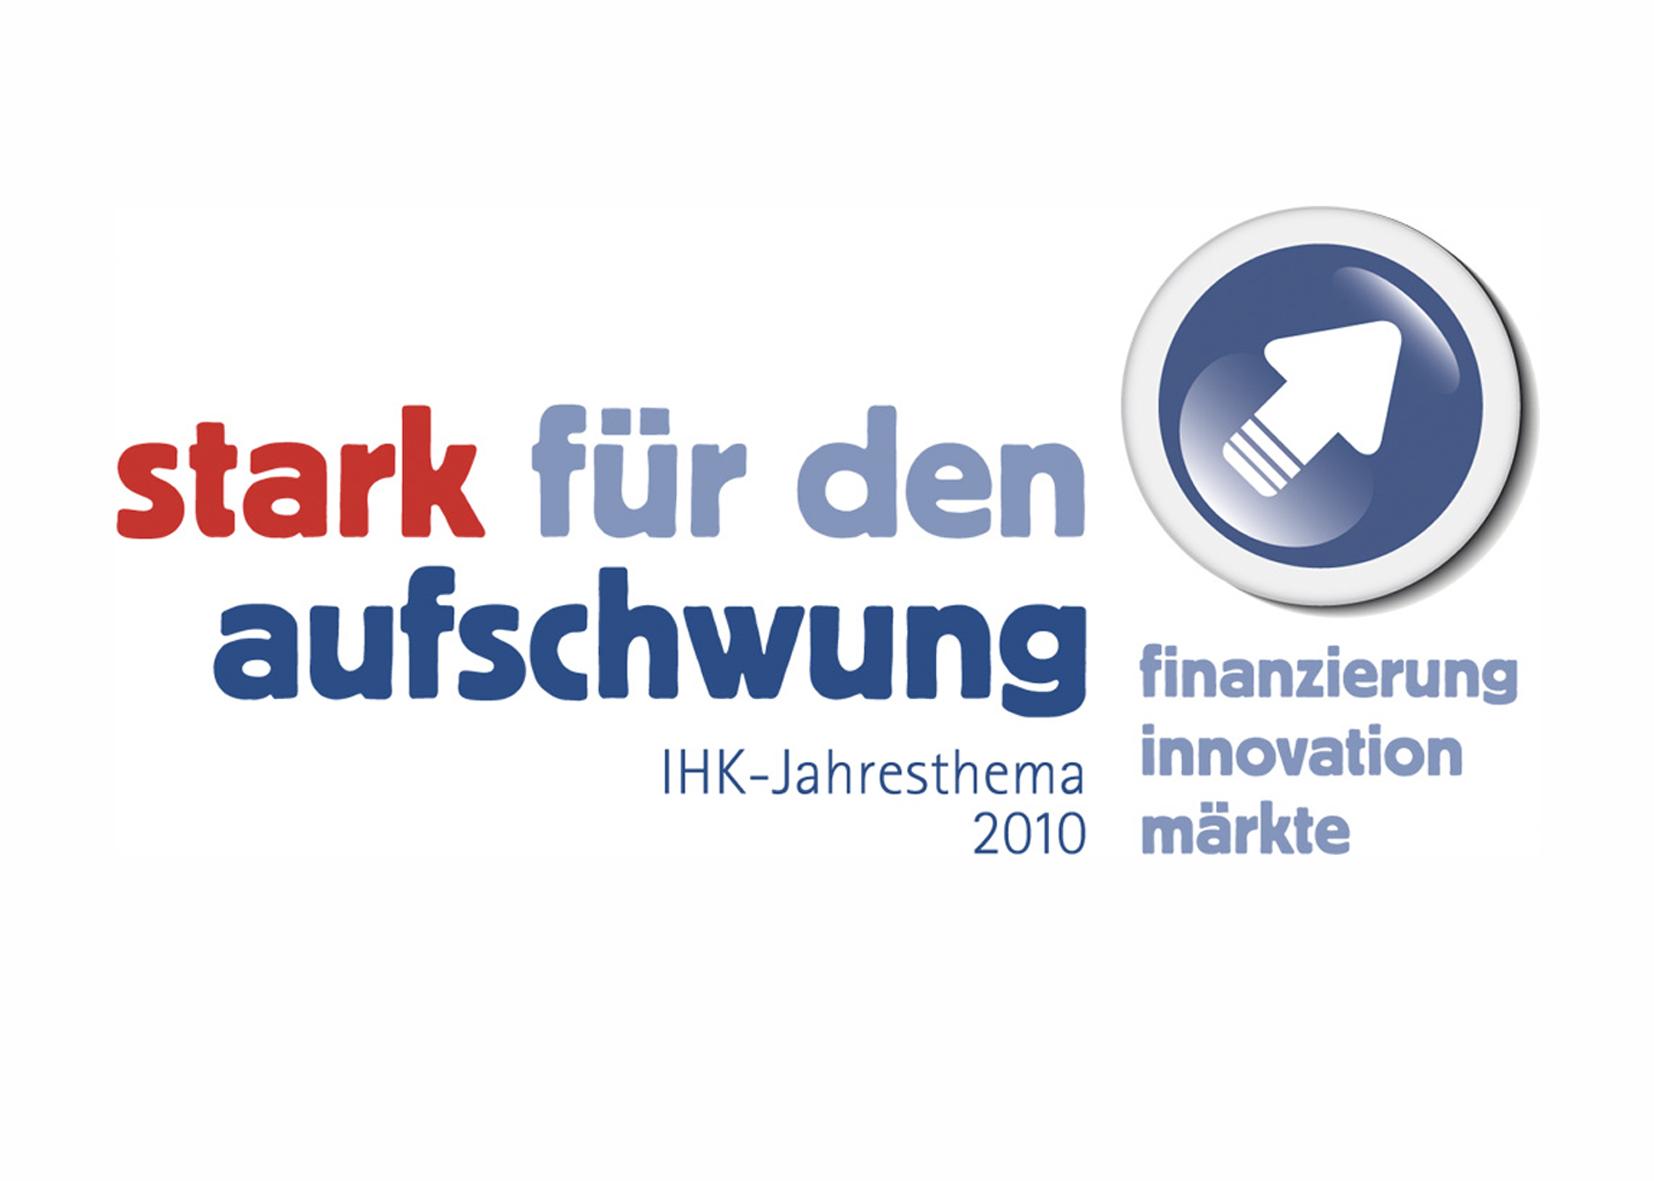 IHK-Jahreslogo 2010